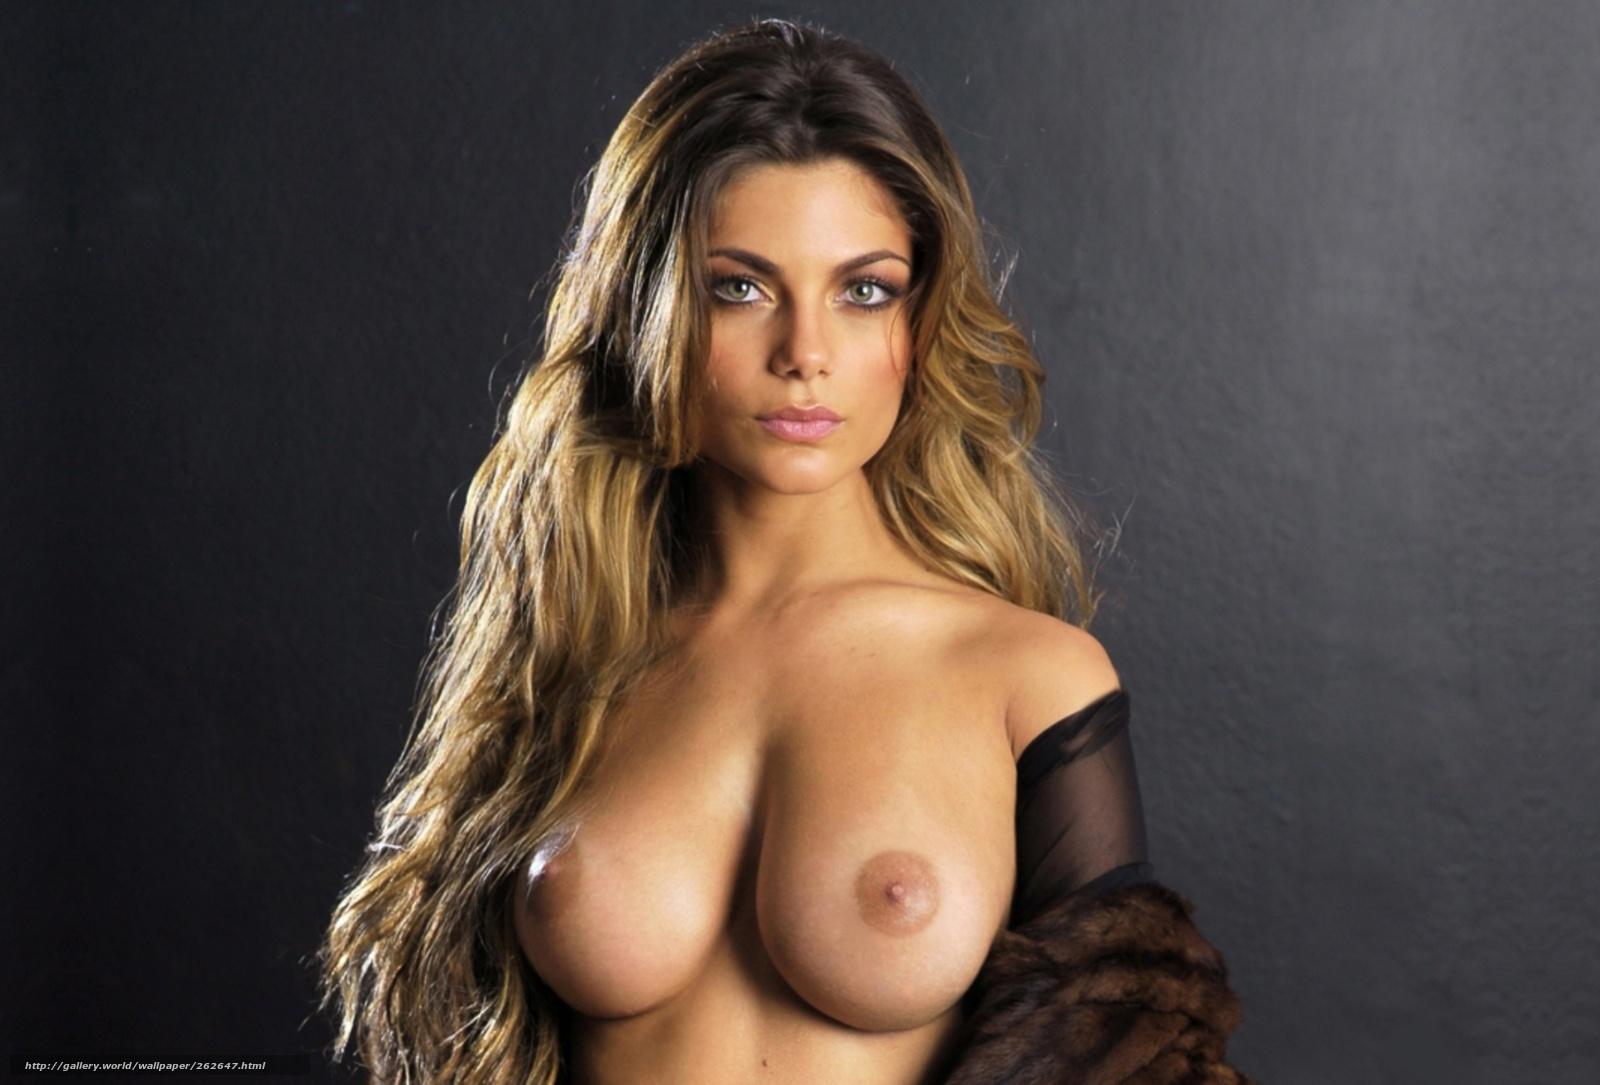 Фотомодели с большой грудью голые 22 фотография